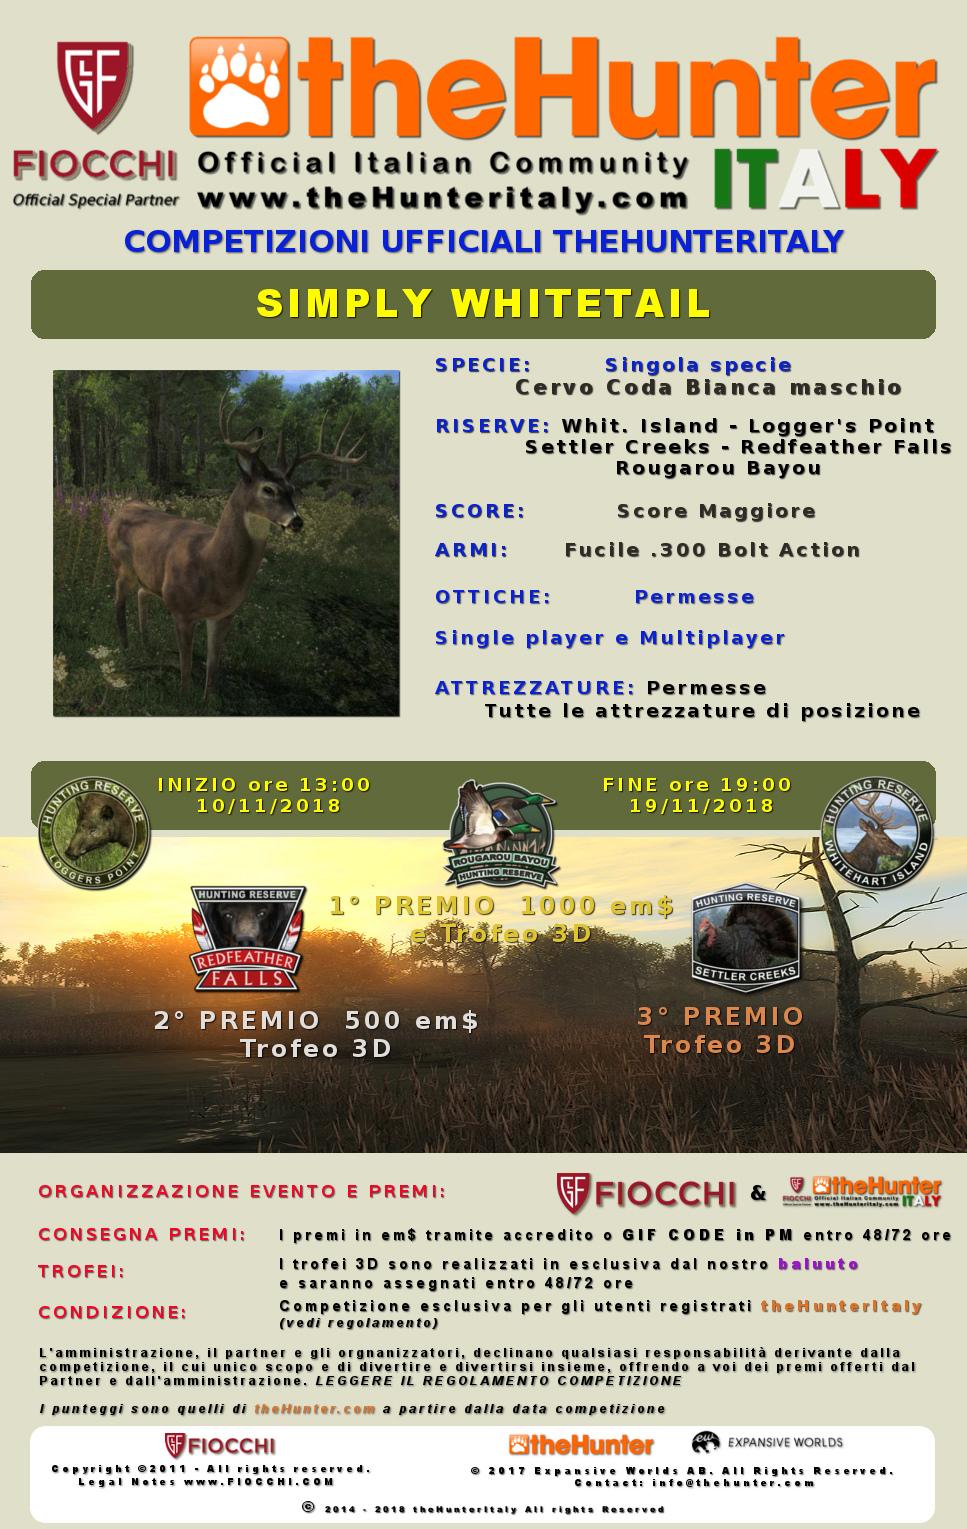 [CONCLUSA] Competizioni Ufficiali theHunterItaly - Simply Whitetail - Cervo Coda Bianca Coda_b12